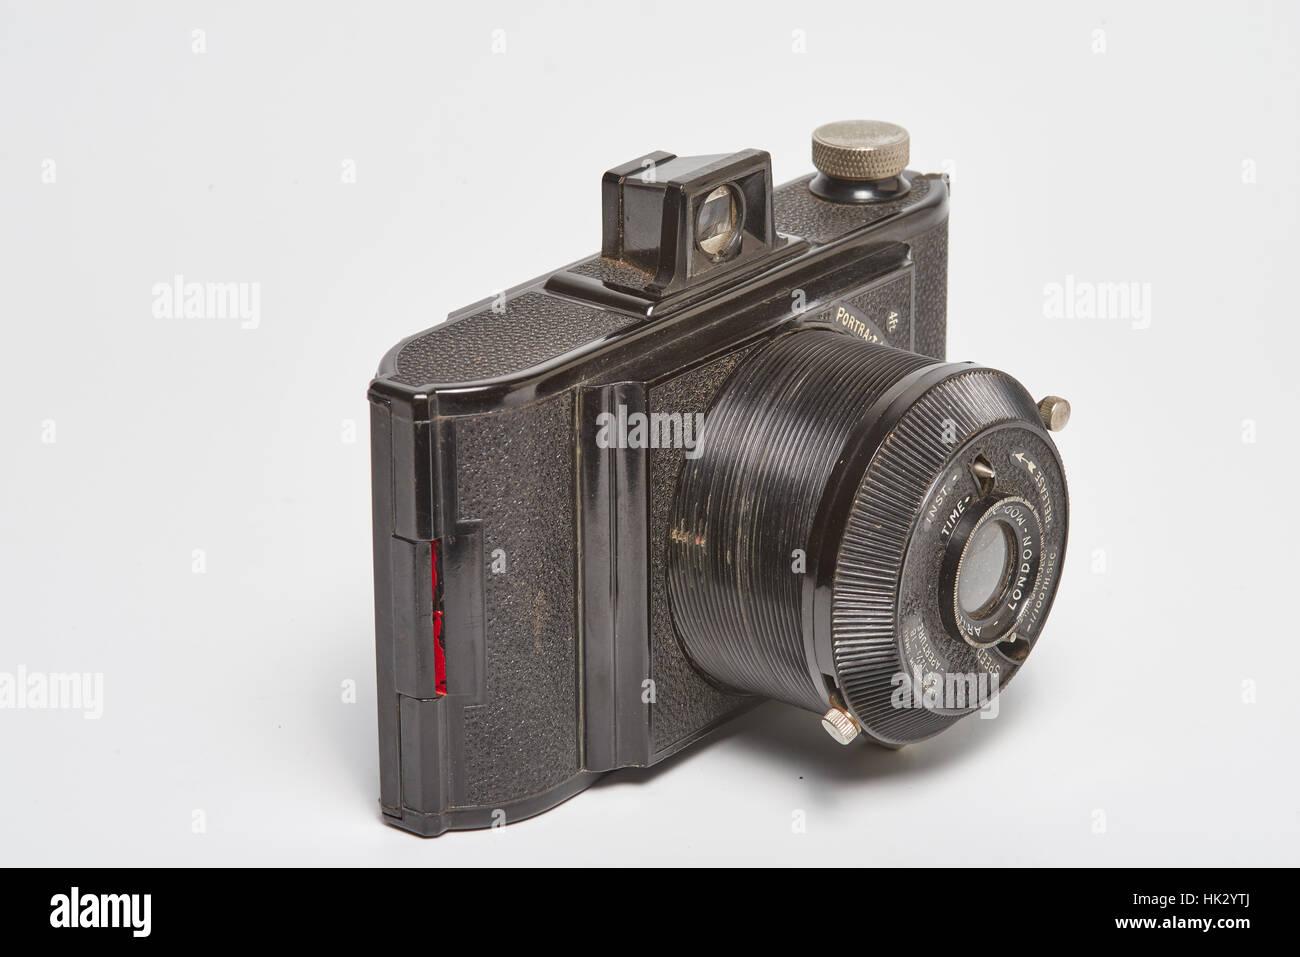 Il Arti-Six è un cittadino britannico di bachelite Mirino fotocamera realizzata intorno al 1950. Essa aveva Immagini Stock